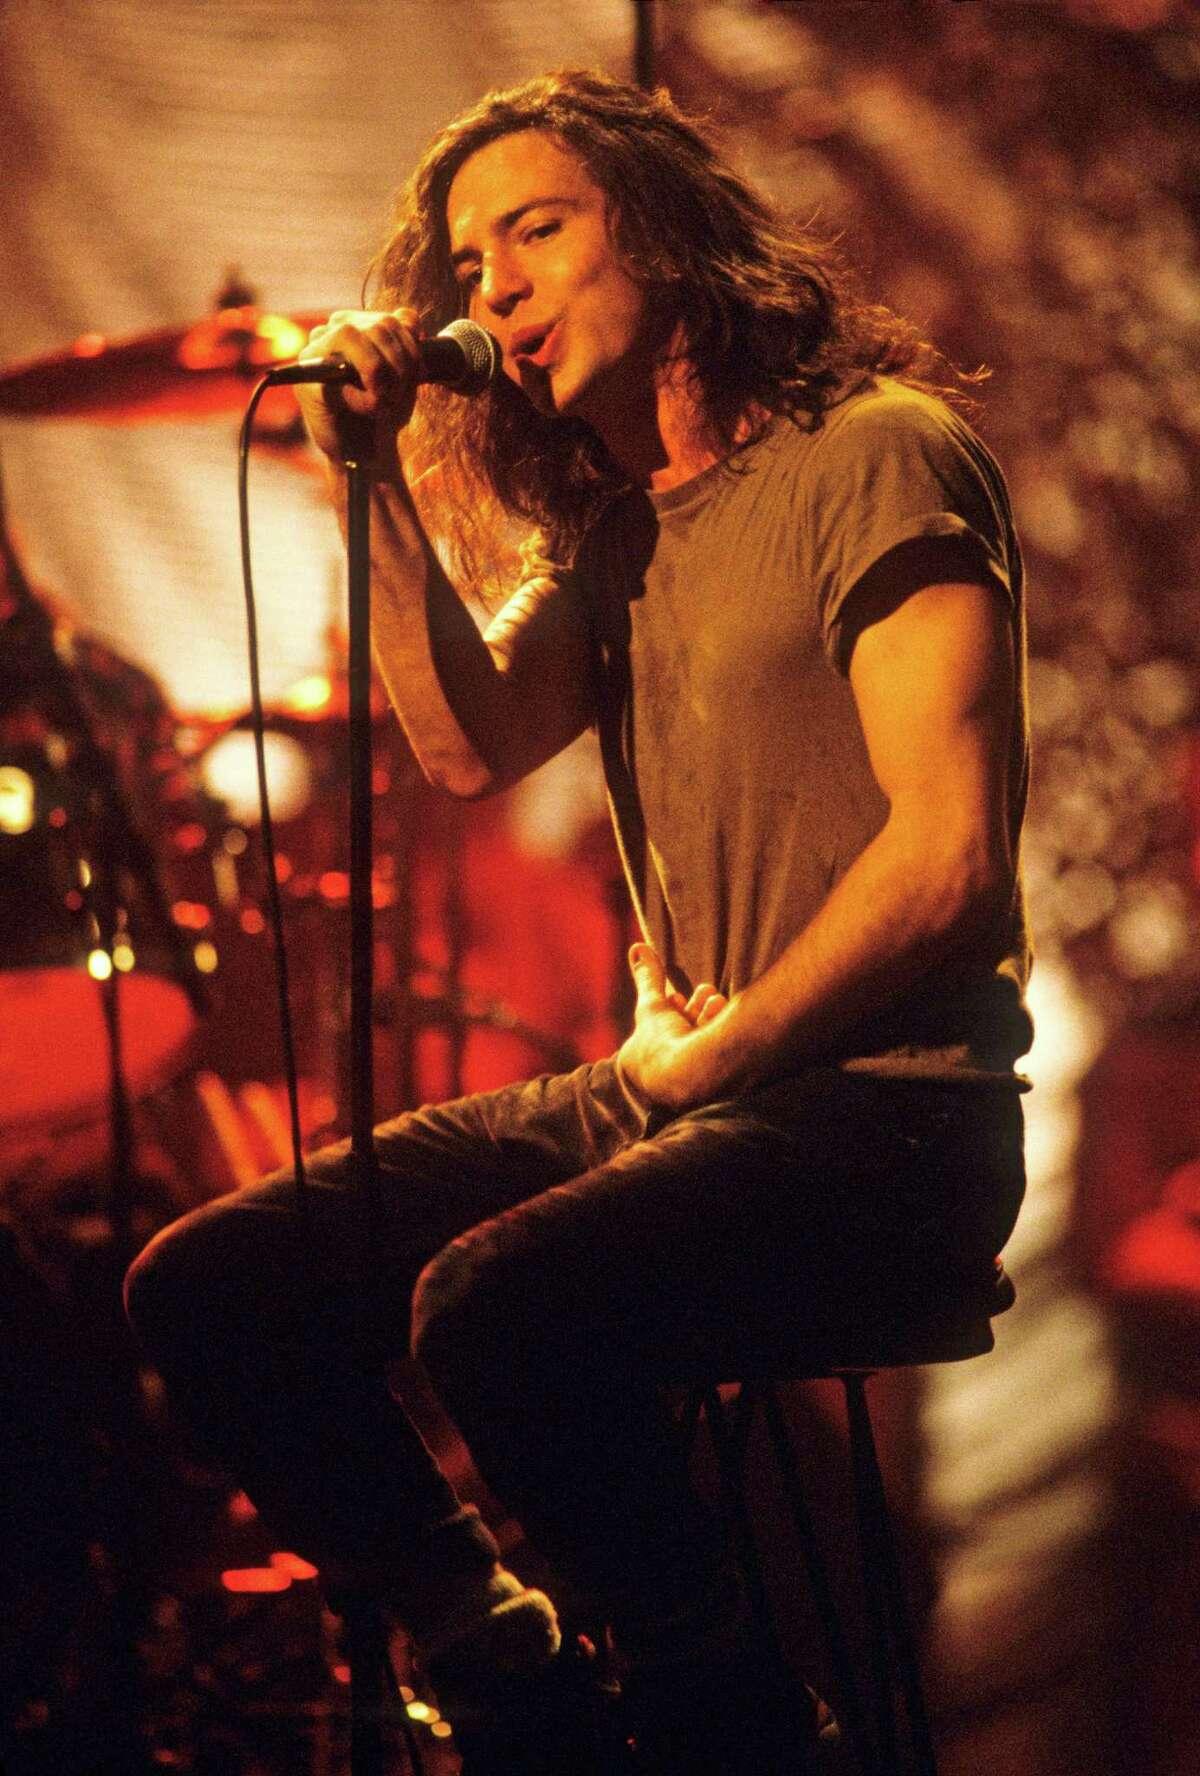 Eddie Vedder Pearl Jam THEN: 1992, Eddie Vedder on MTV's Unplugged.